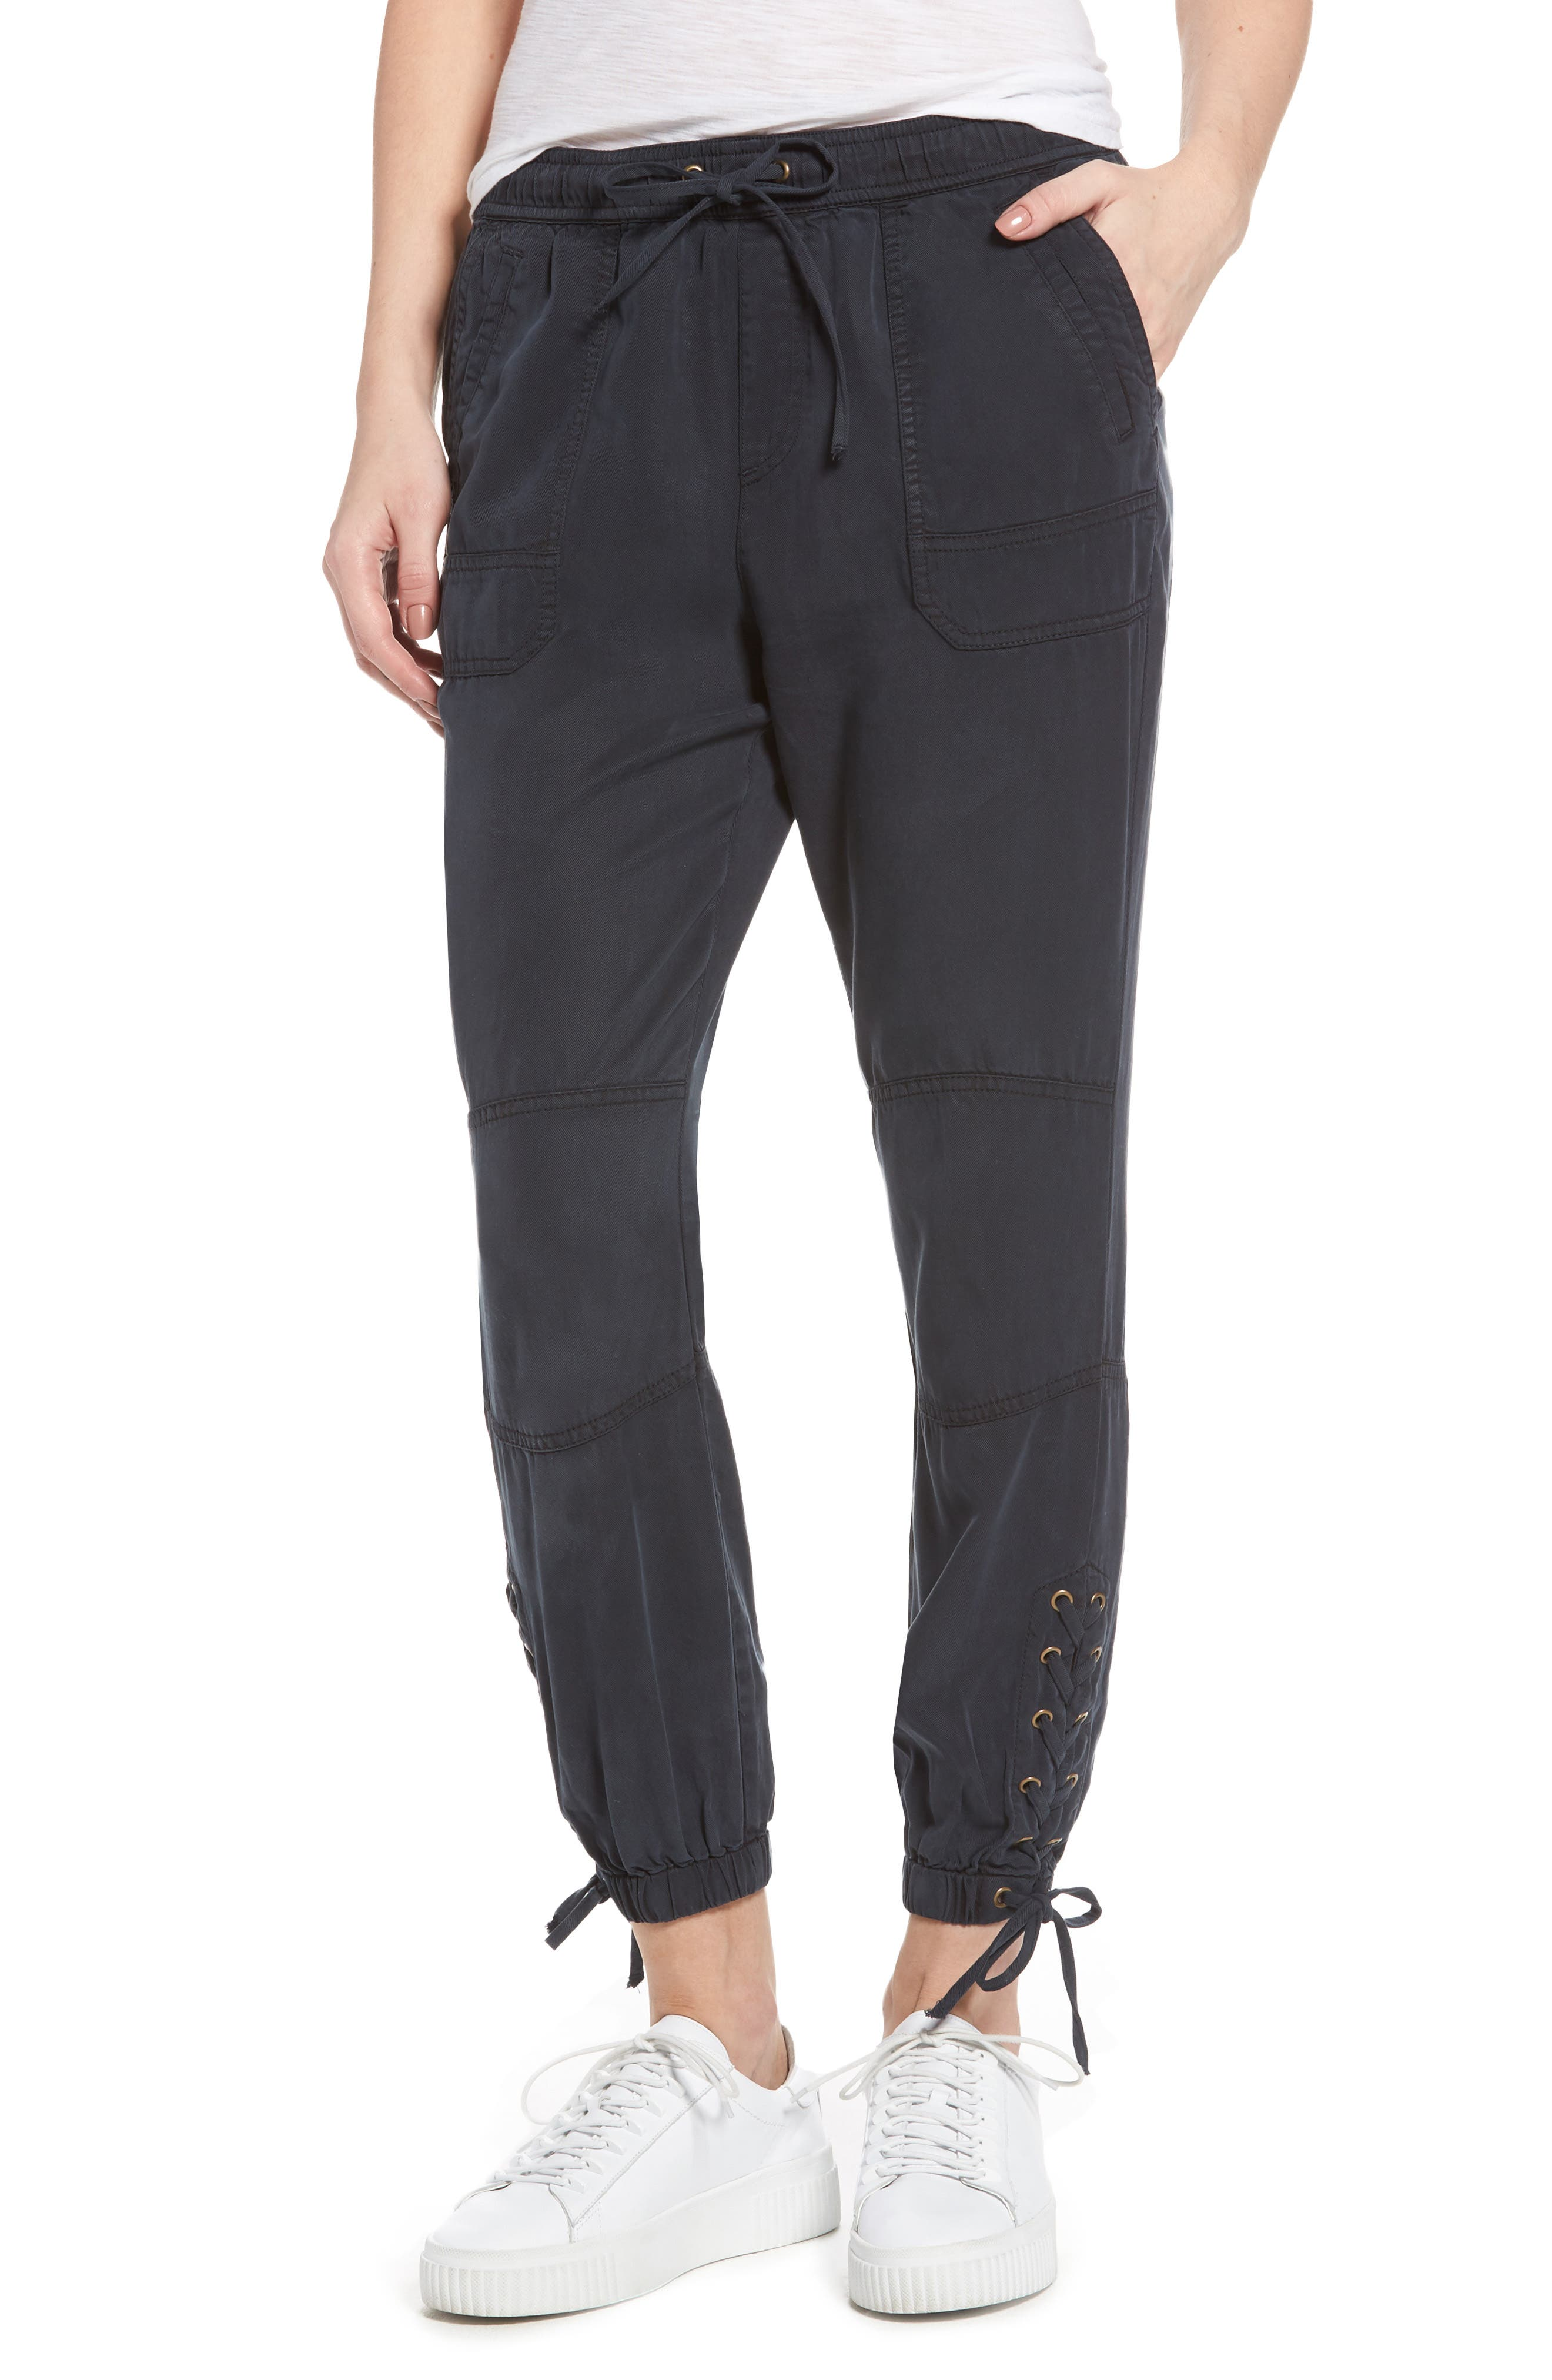 PAM & GELA Lace-Up Jogger Pants